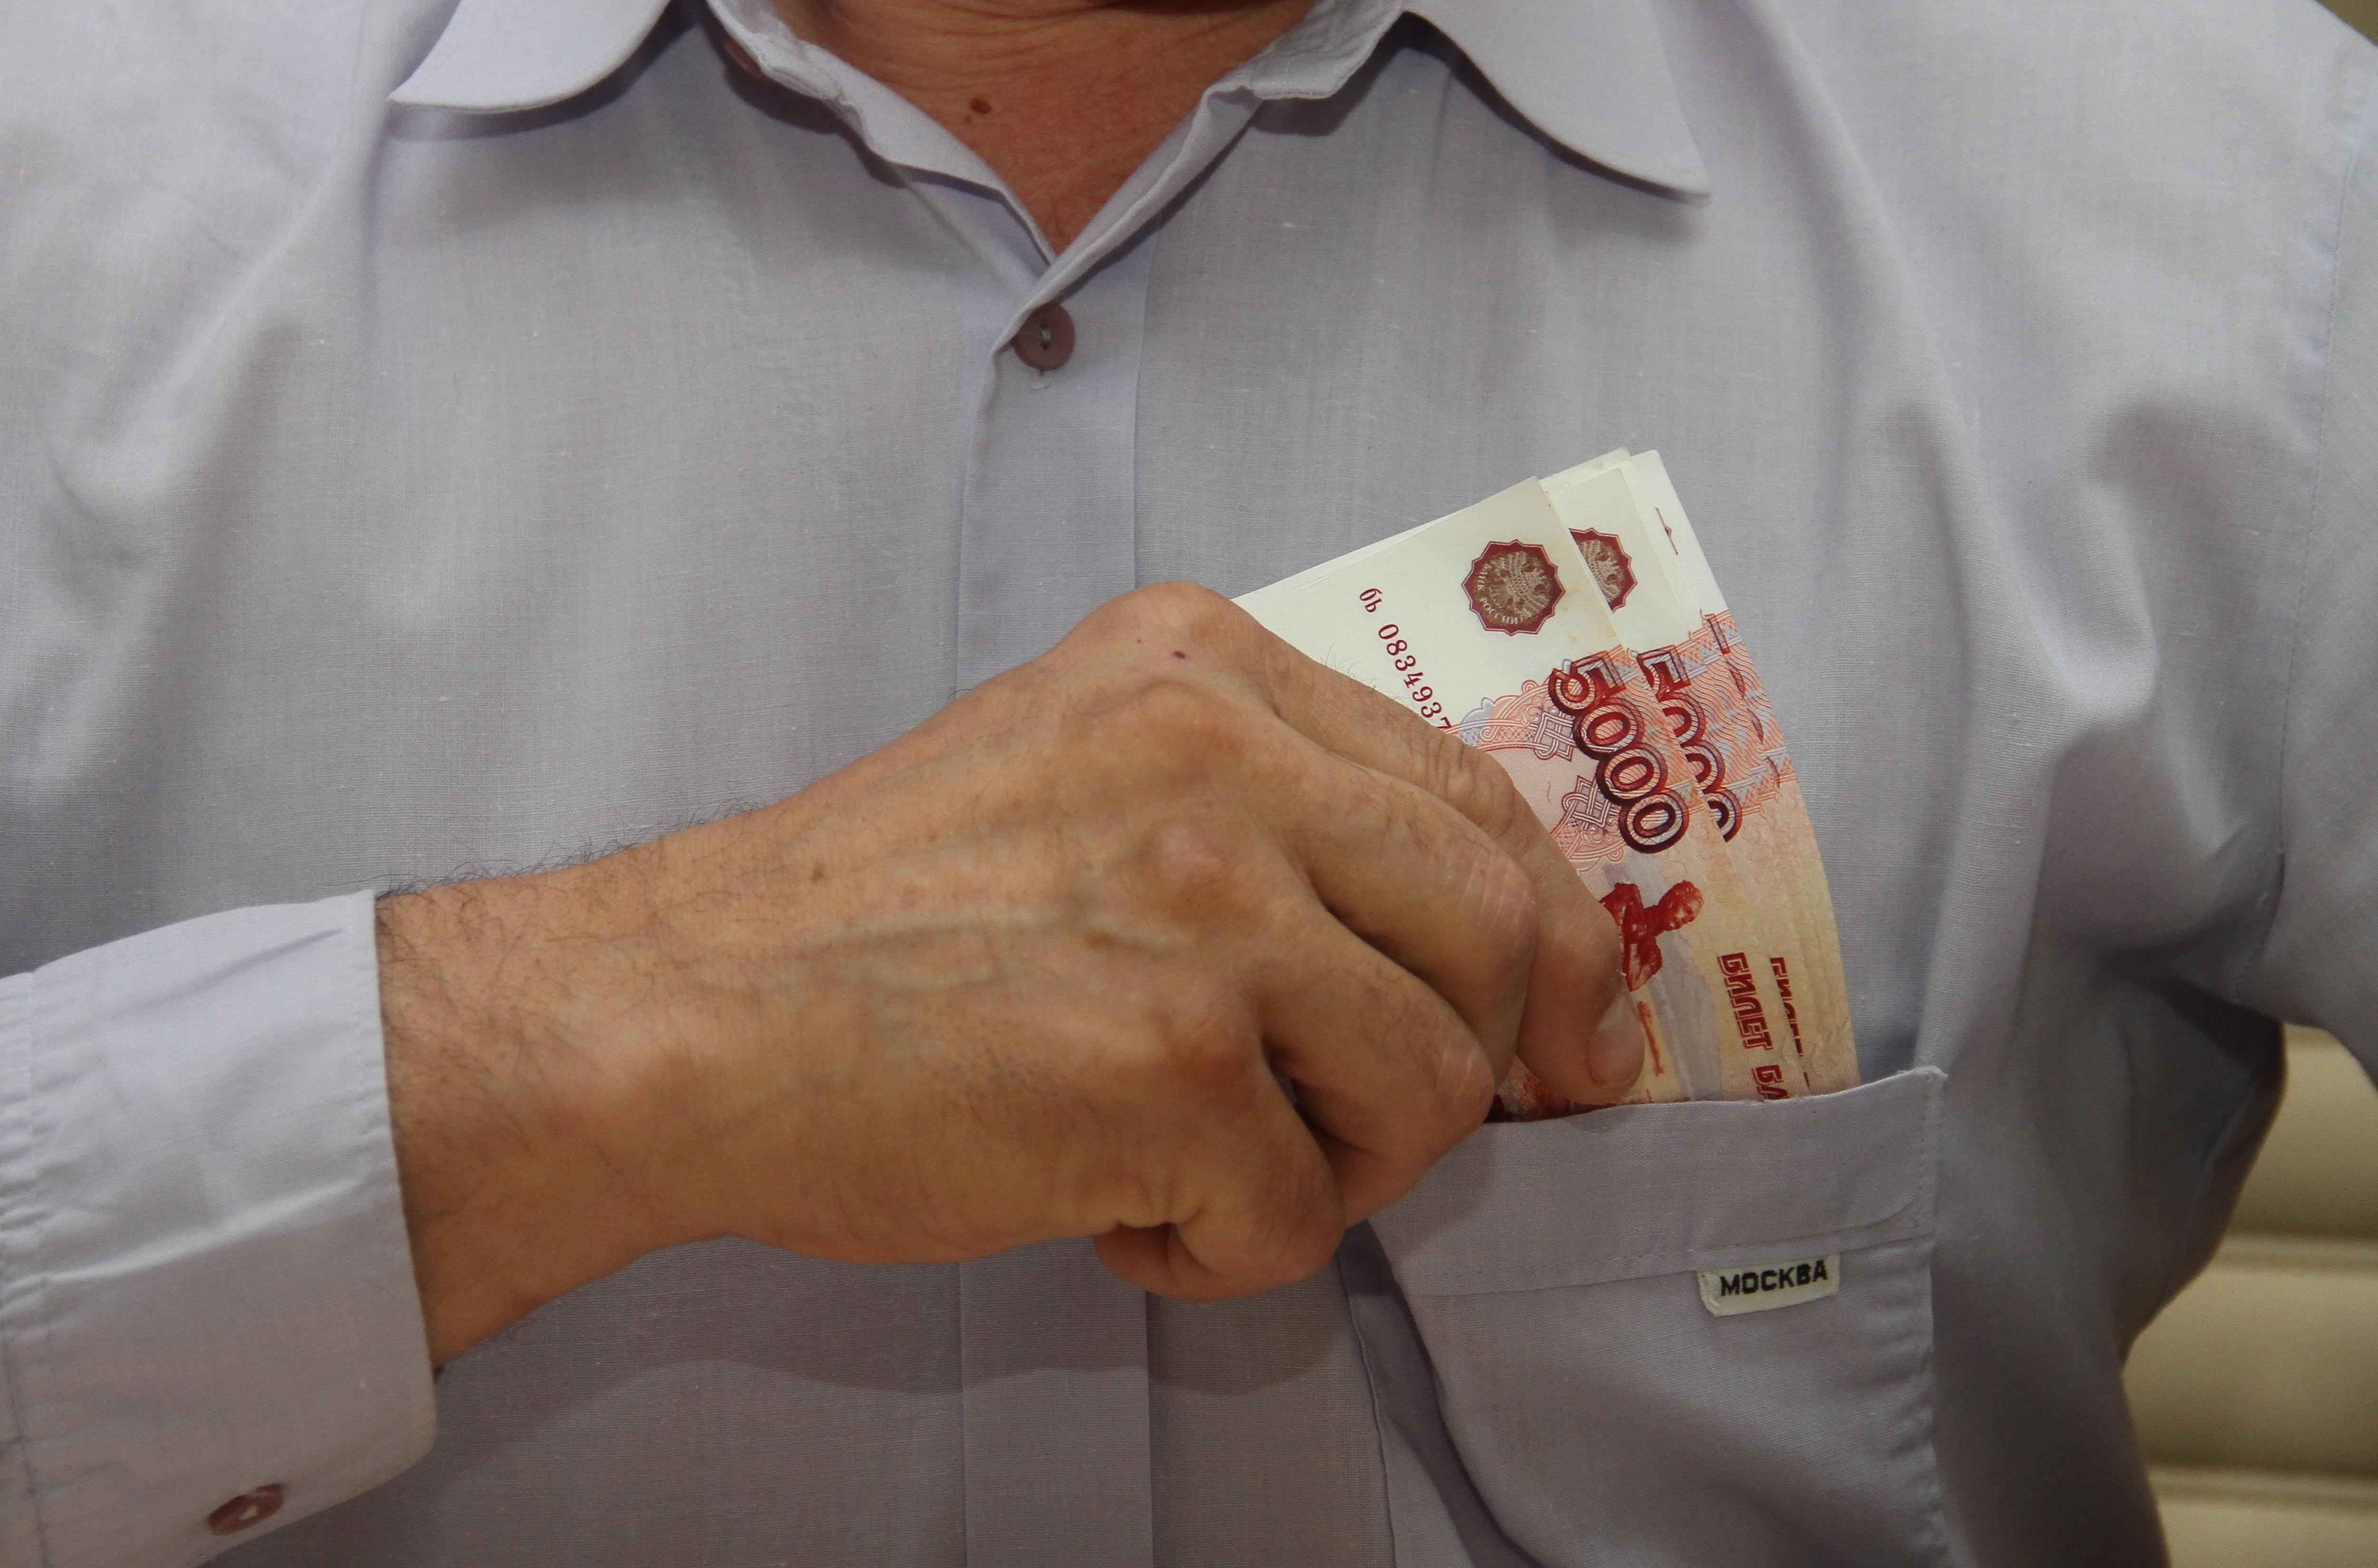 Вцентре Петербурга при передаче взятки задержано «доверенное лицо руководства» Жилкома